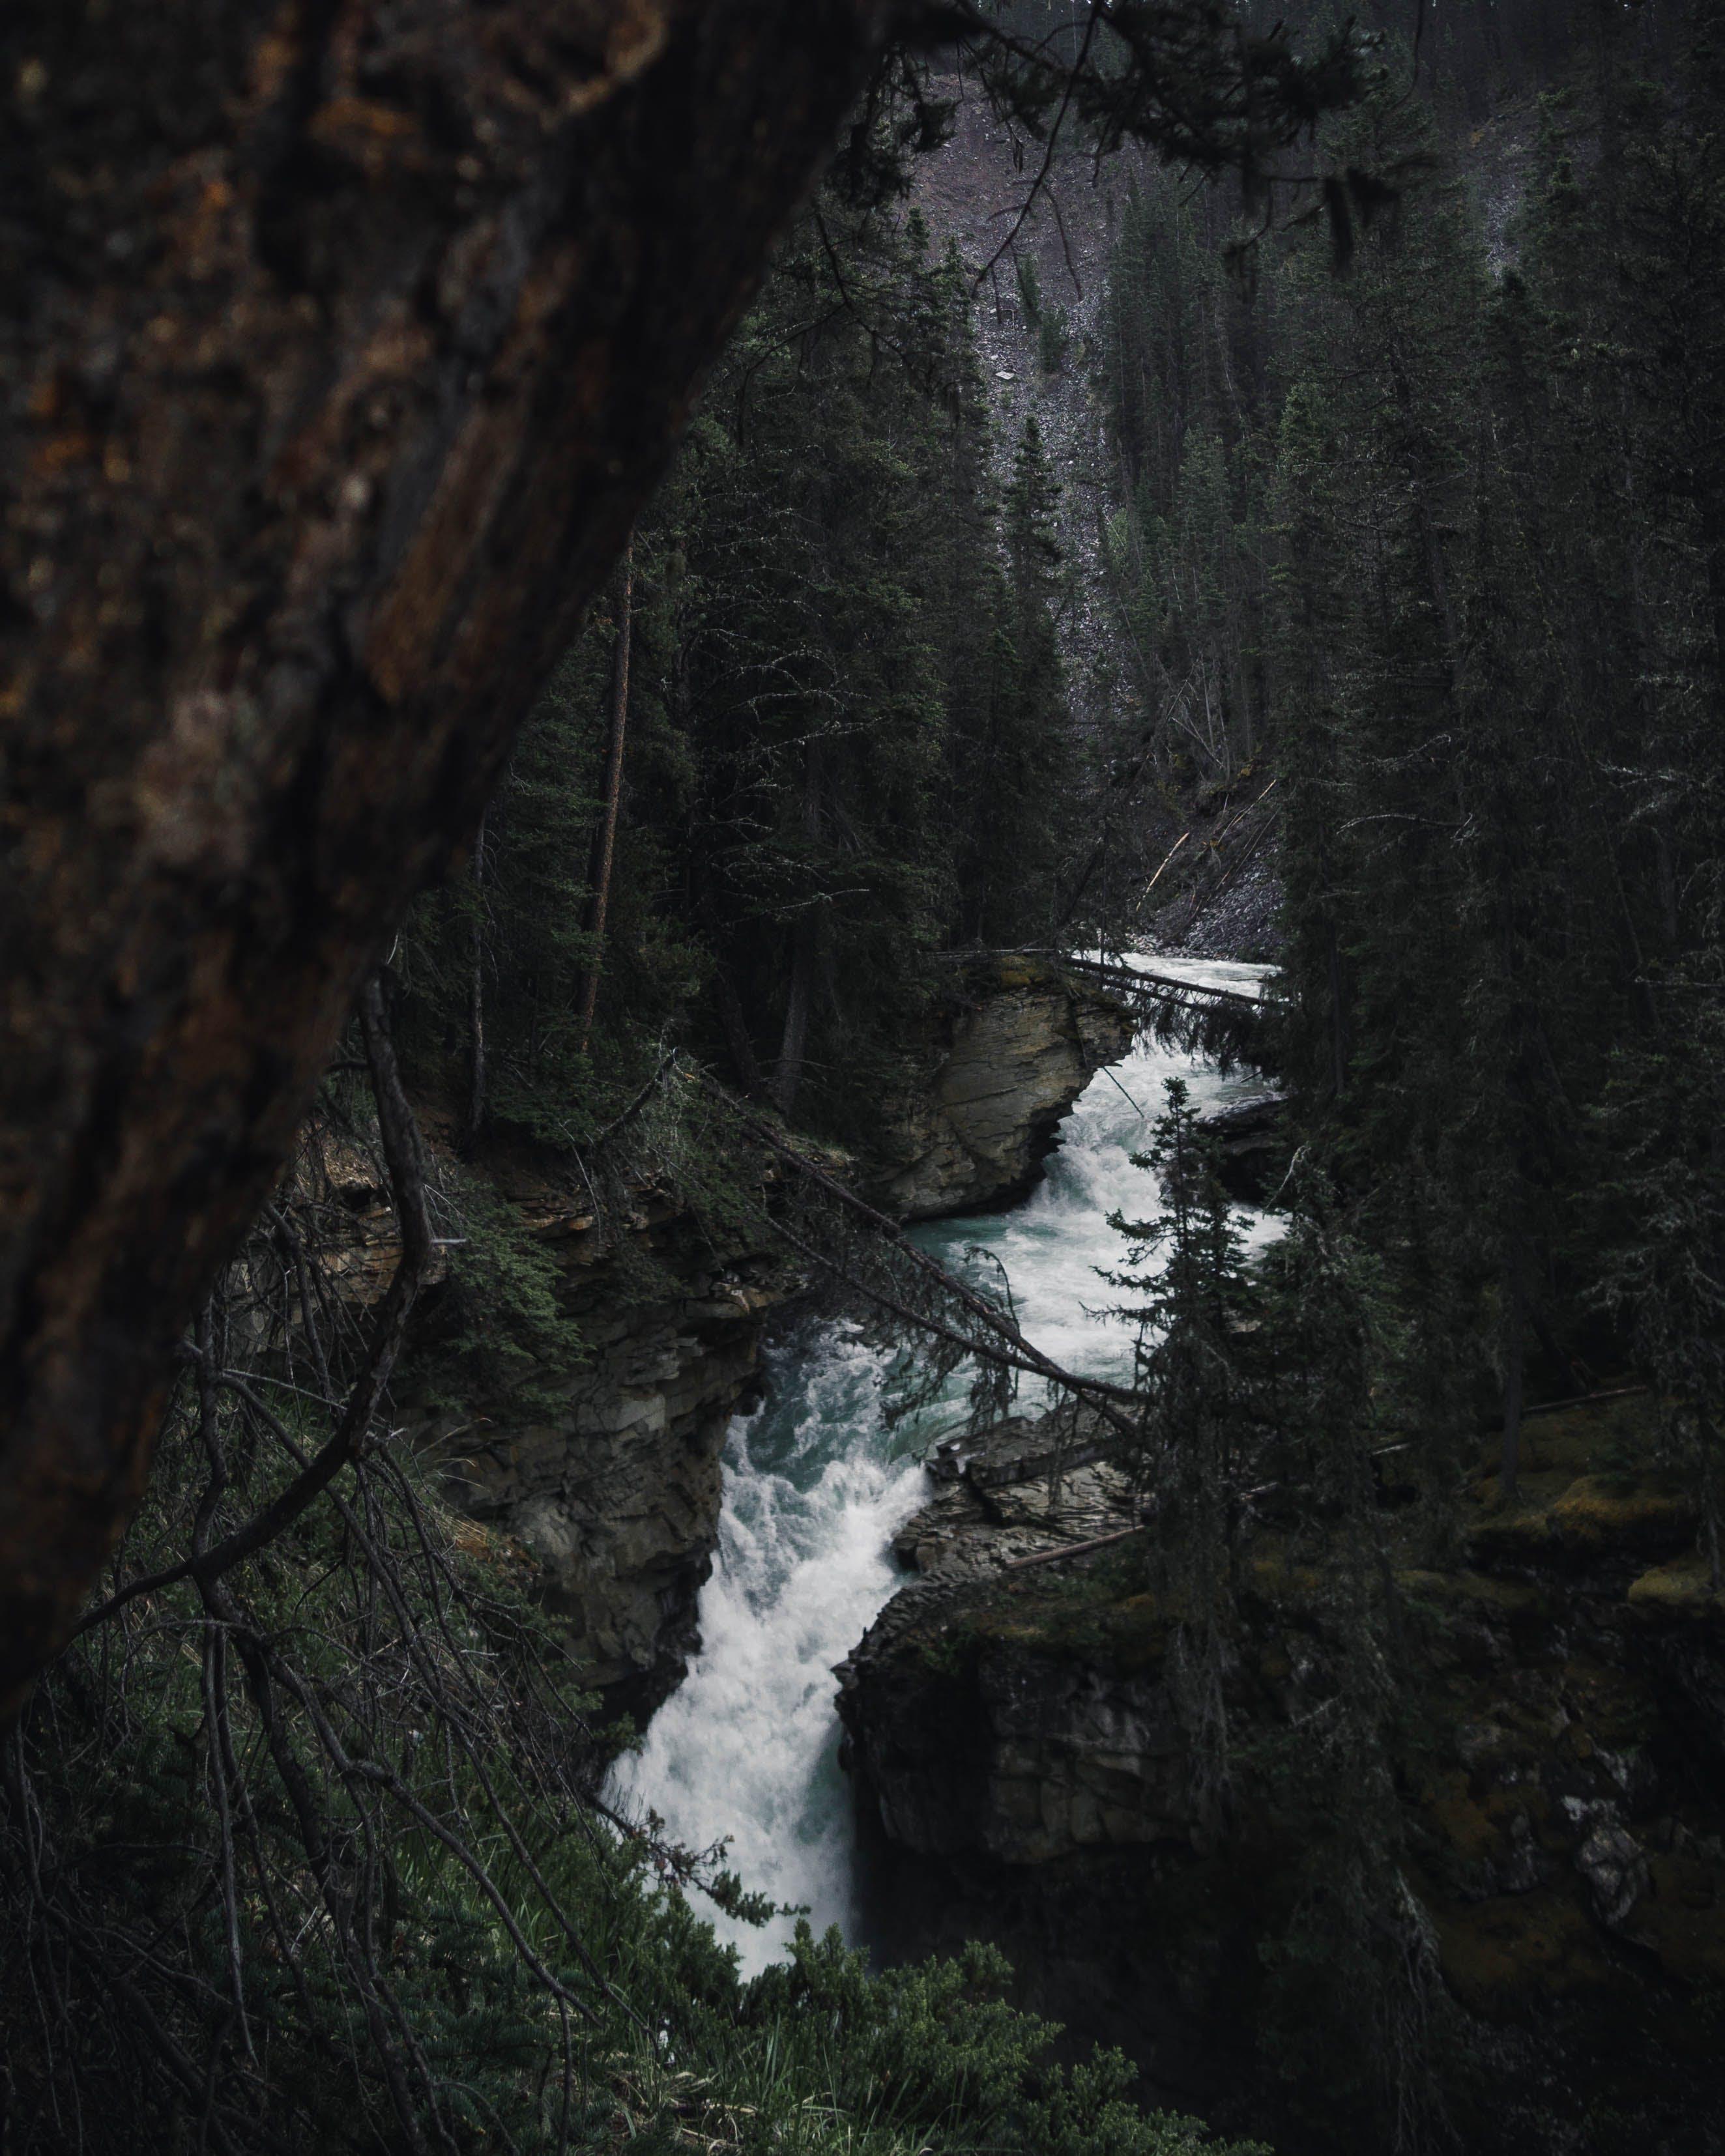 de agua, arboles, bosque, cascadas